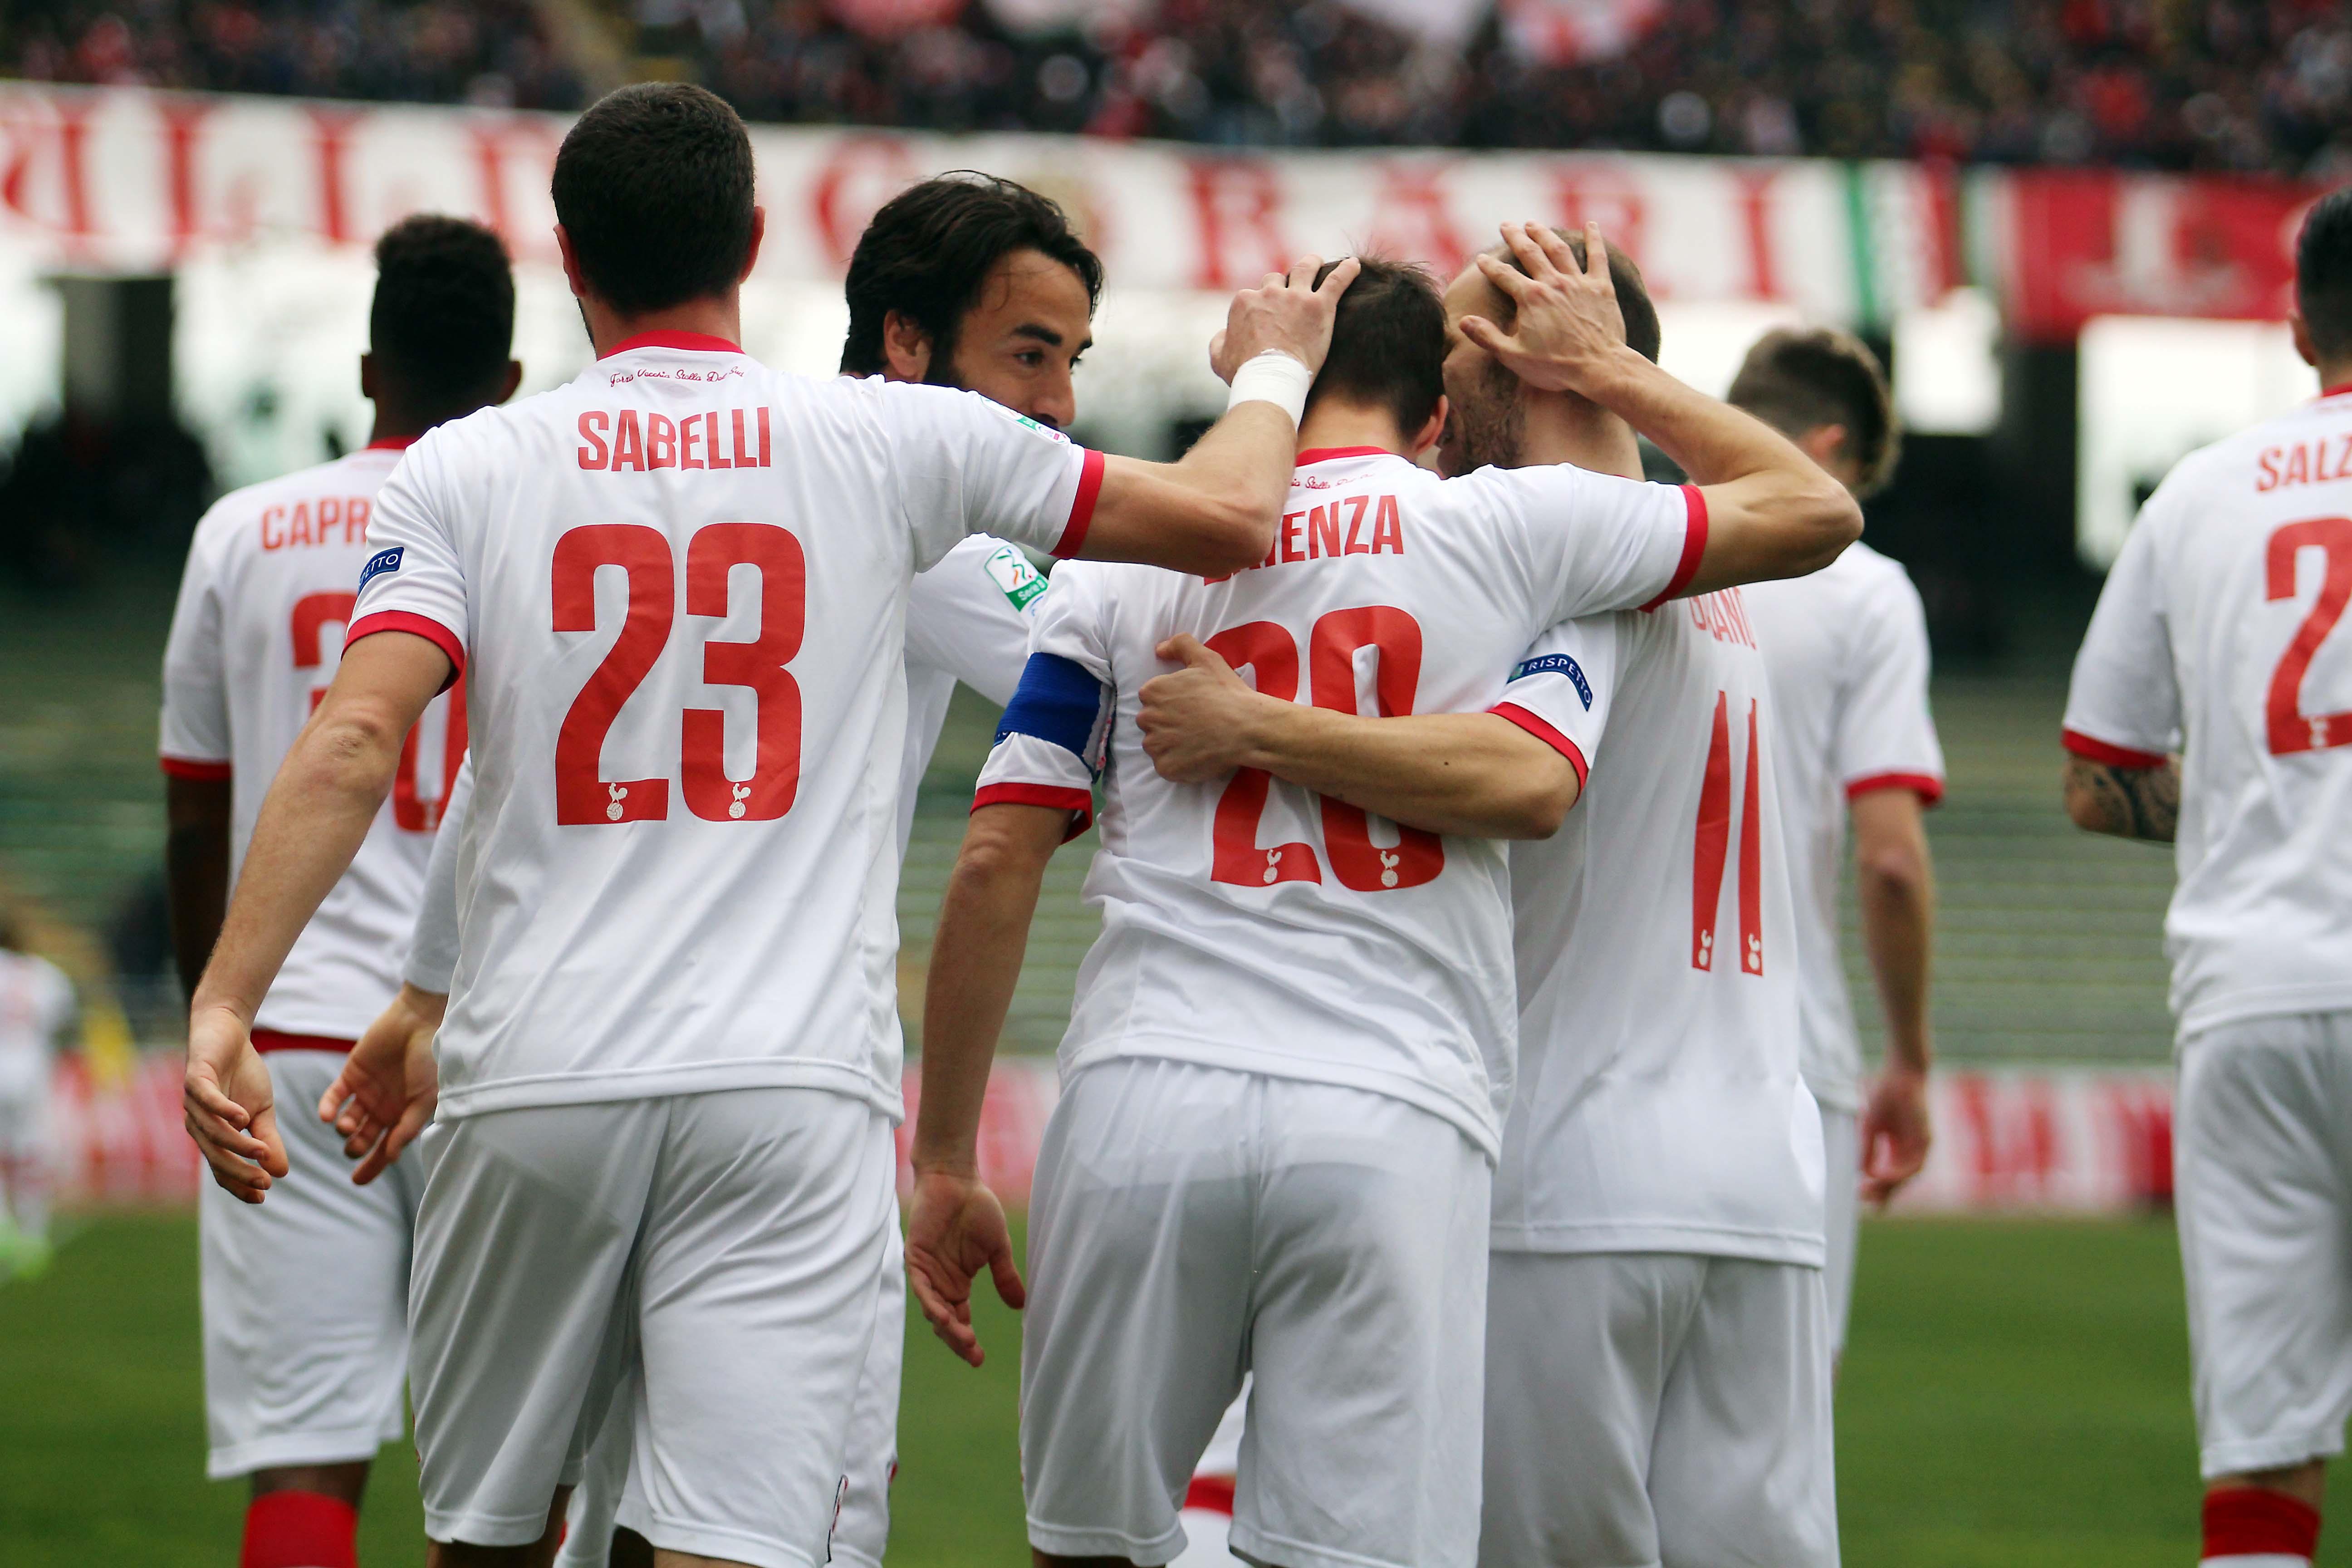 L'esultanza dei giocatori del Bari dopo il gol di Brienza